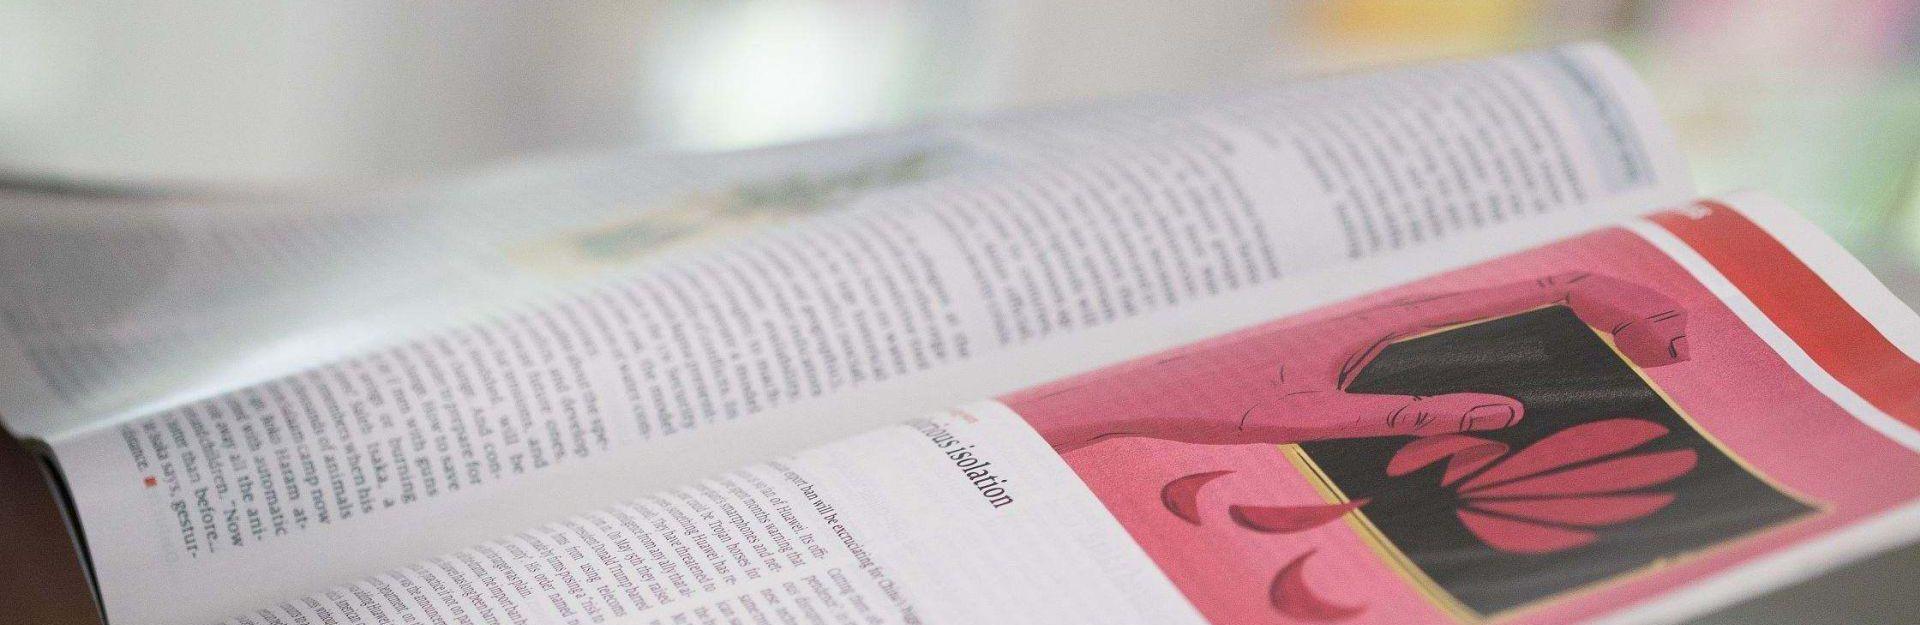 Bild einer Buchseite